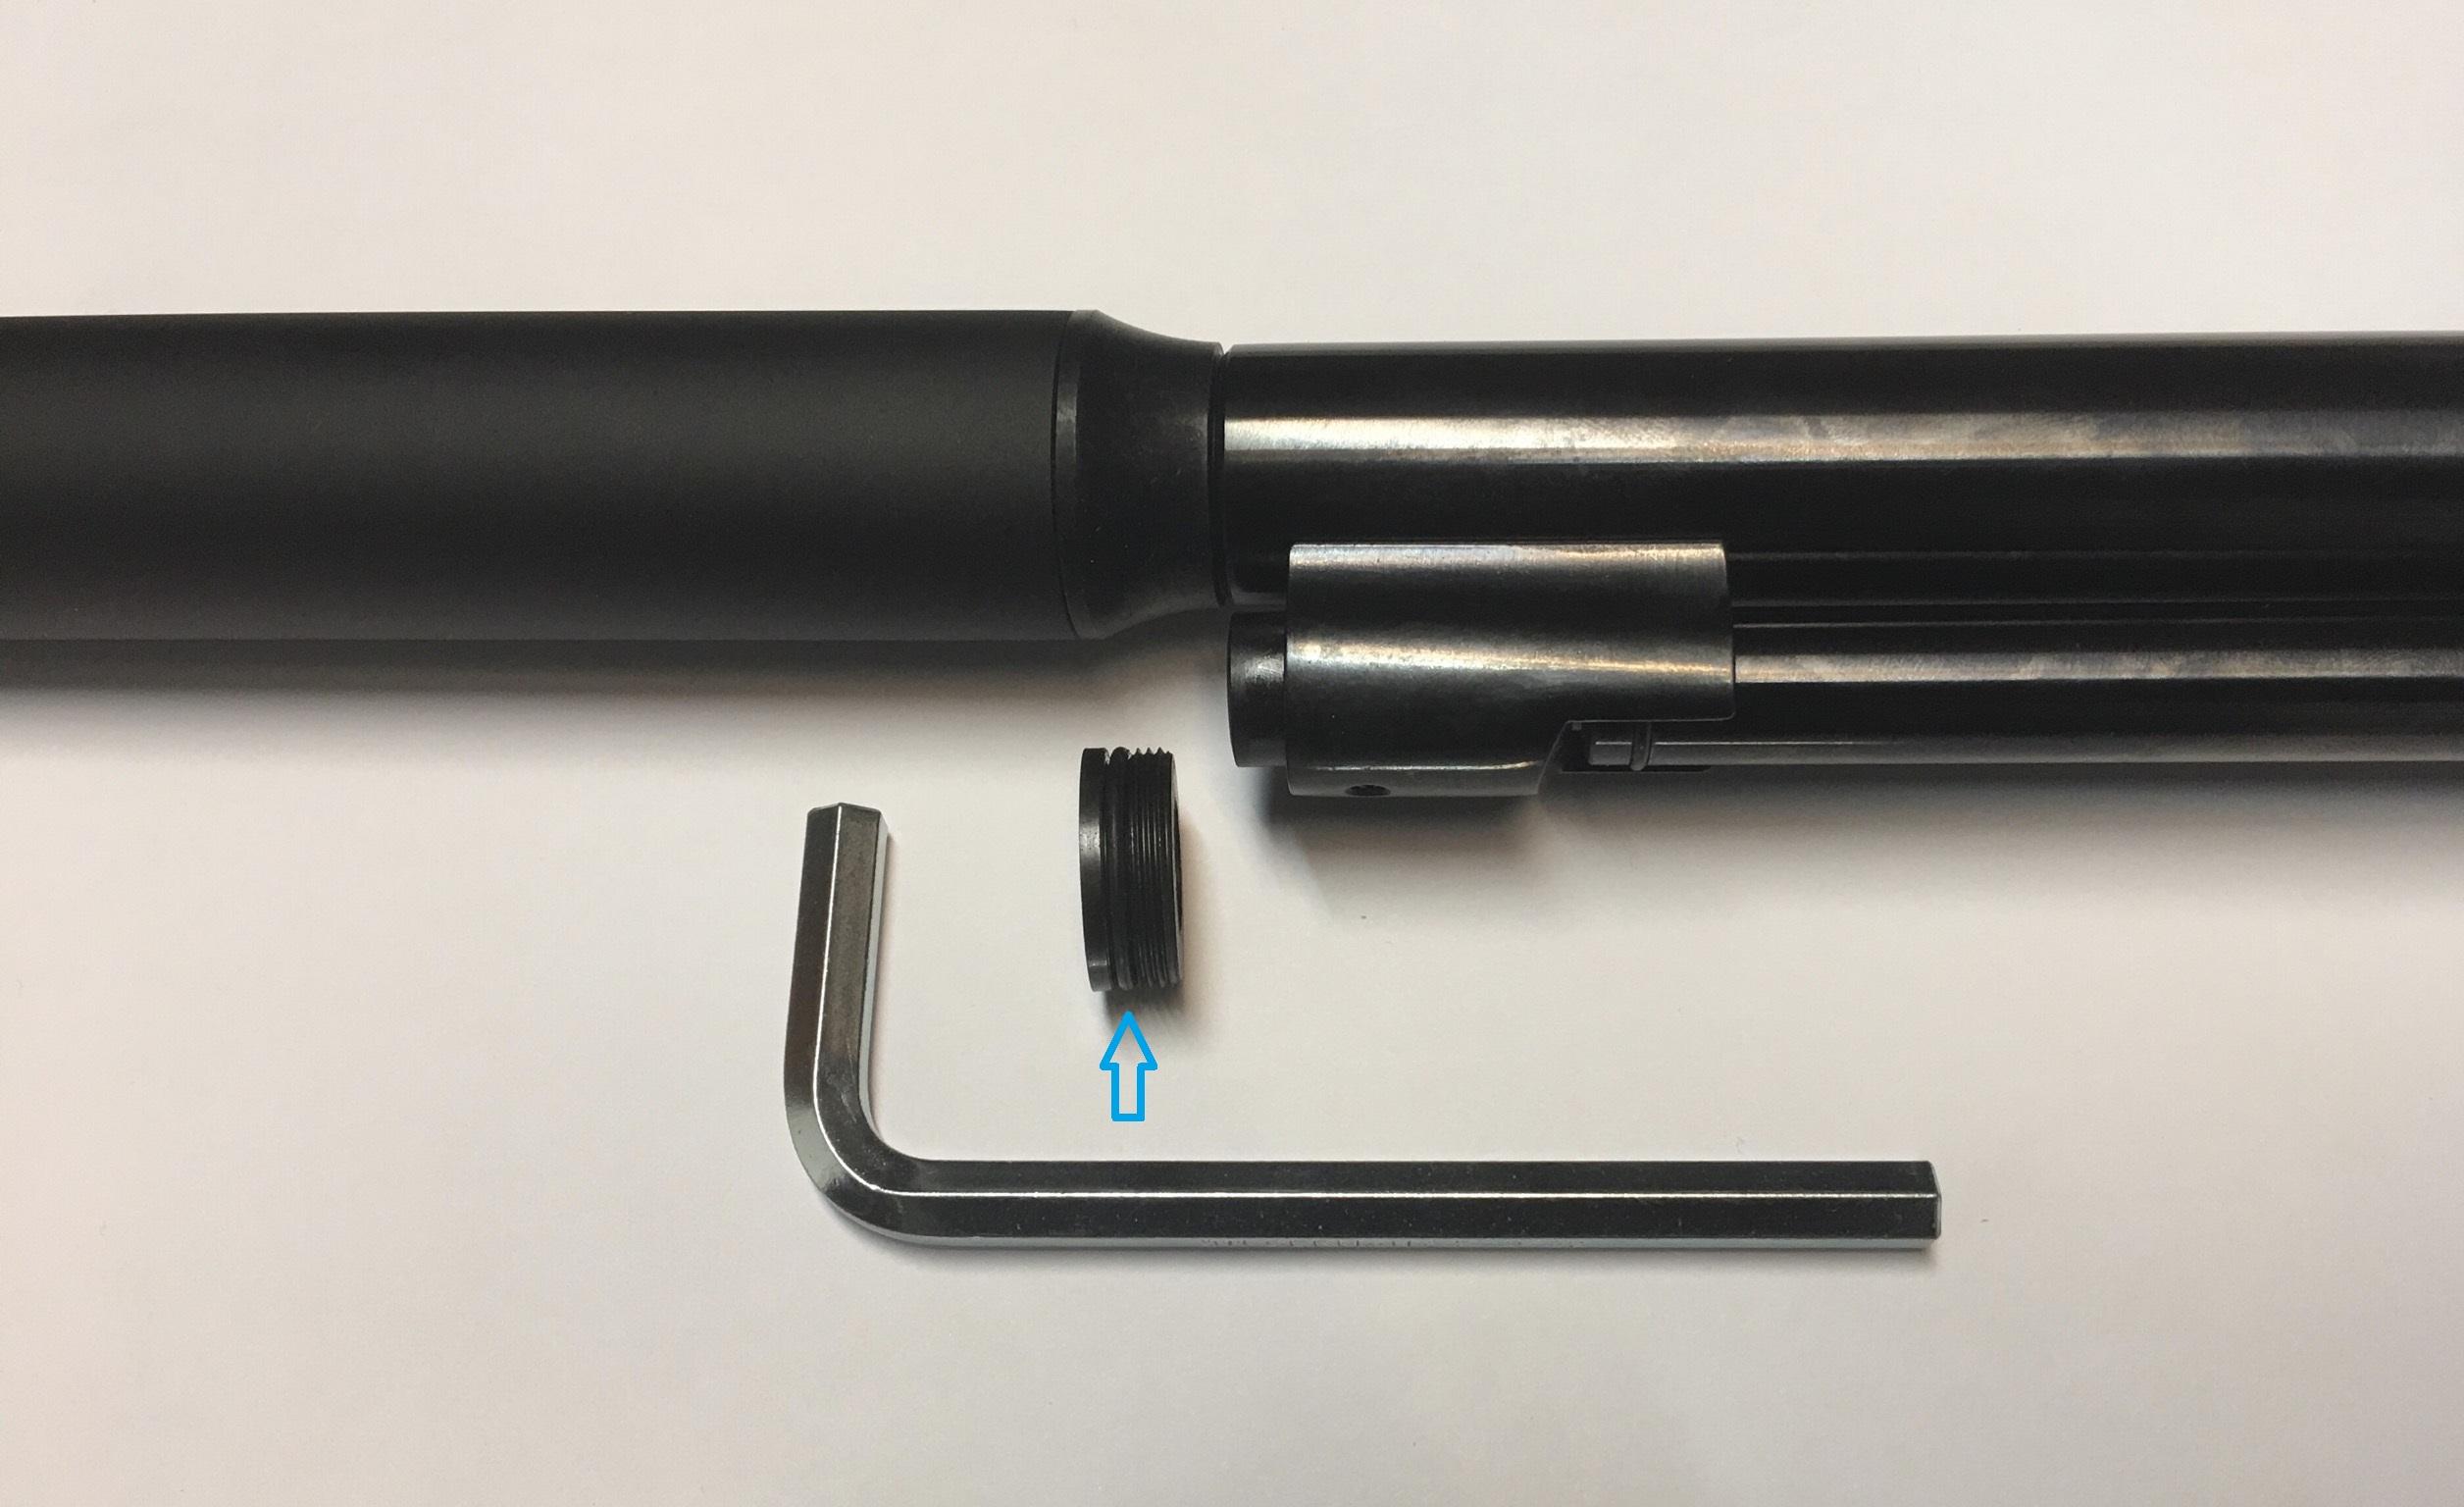 Montagebeispiel vom aufgesetzten Schalldämpfer am Luftgewehr HW 97 mit abgebildetem <a href=1155570.htm> Inbusschlüssel 7mm</a> (nicht im Lieferumfang)